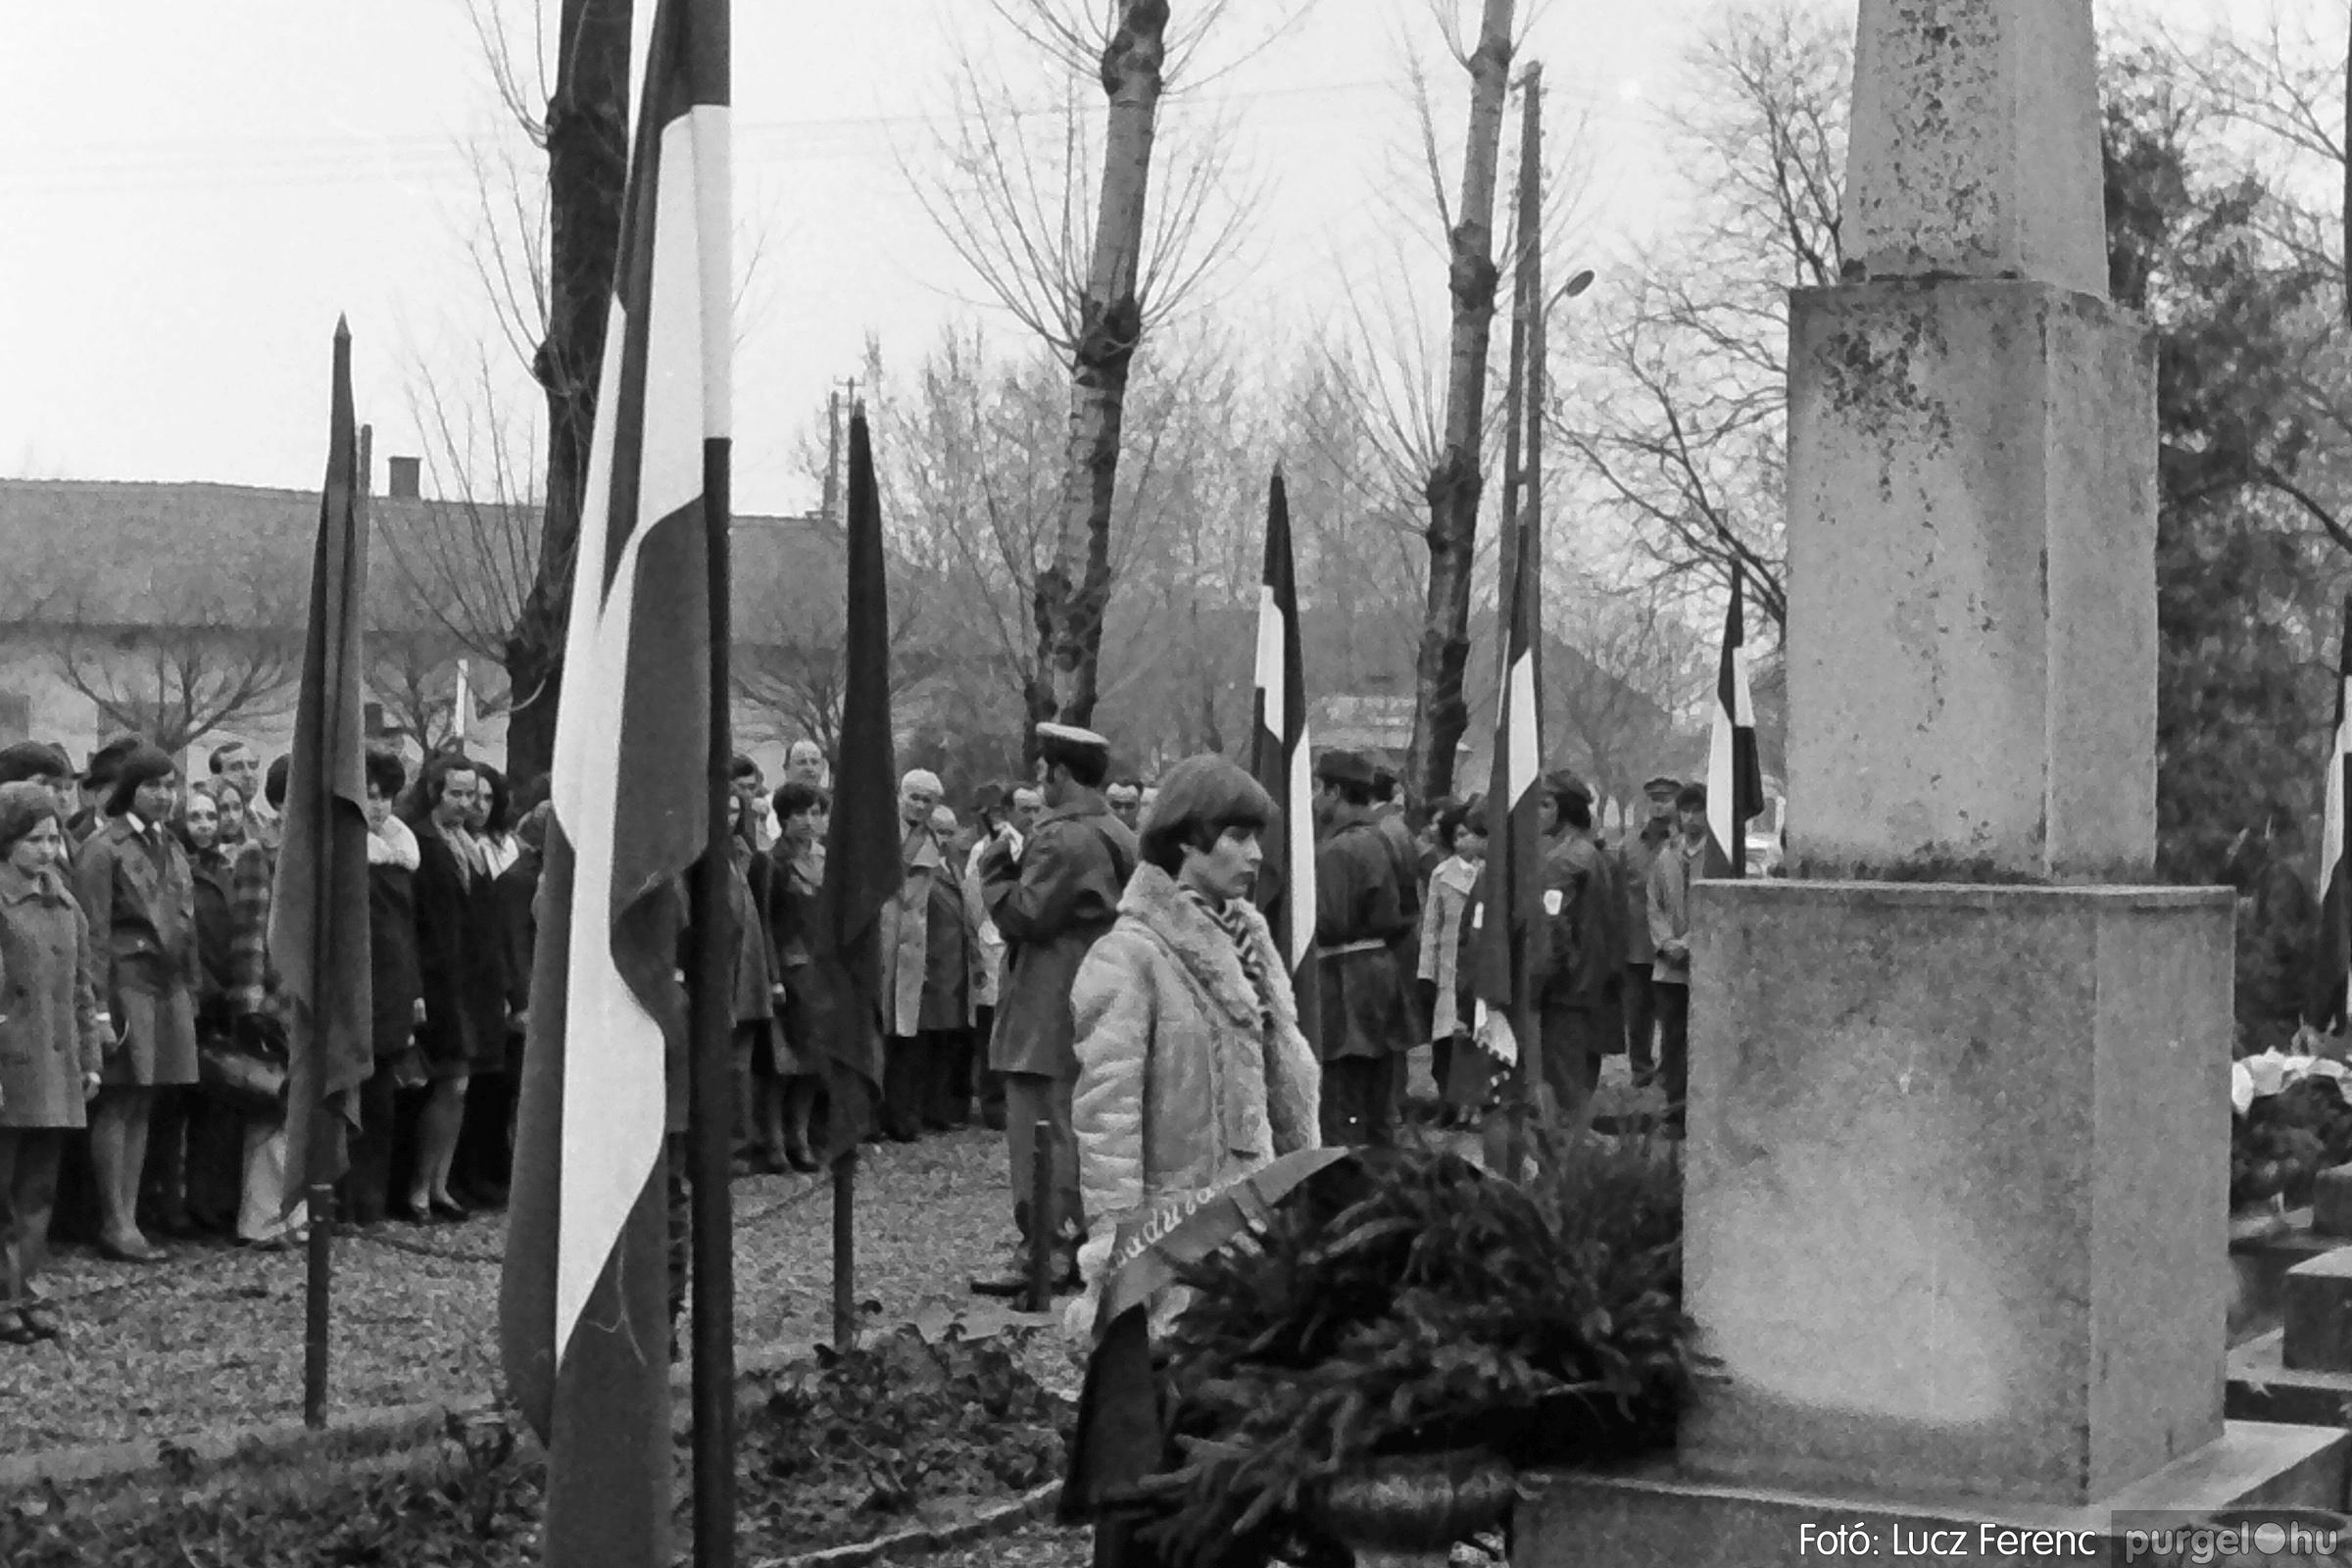 078. 1977.04.04. Április 4-i ünnepség 016. - Fotó: Lucz Ferenc.jpg